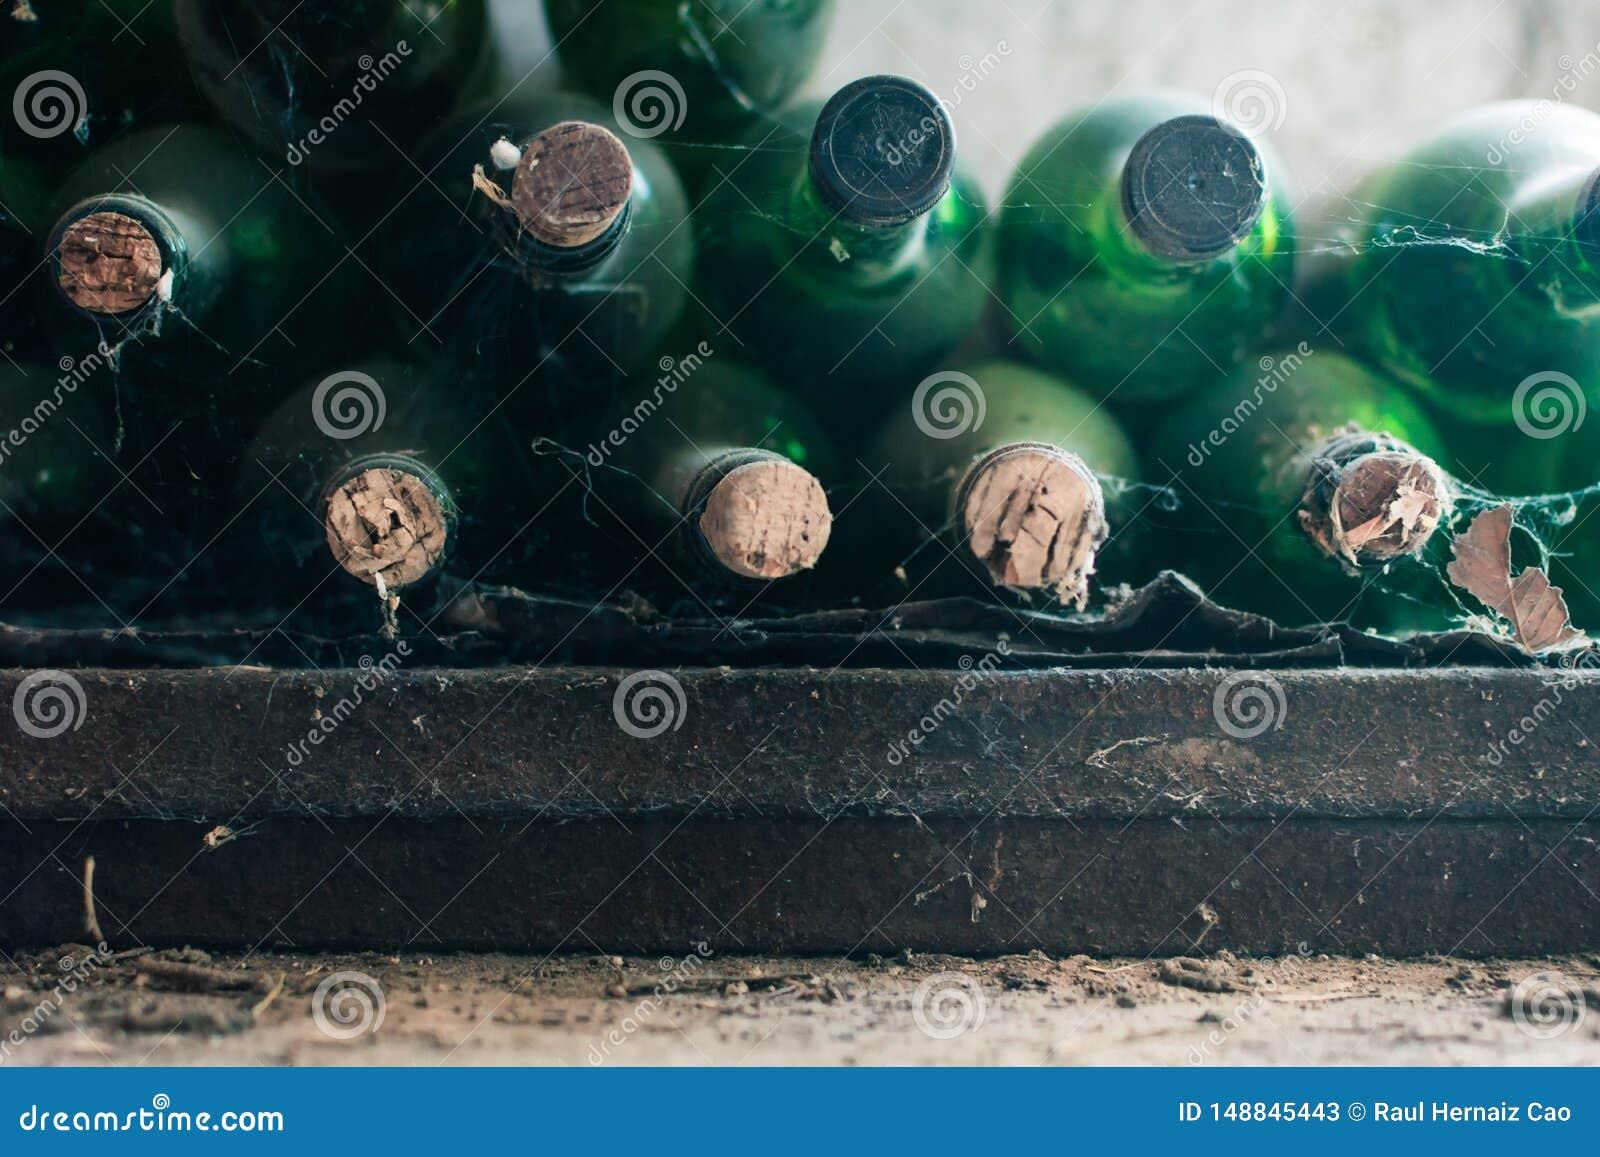 Fermez-vous de quelques bouteilles de vin tr?s vieilles et poussi?reuses dans une cave